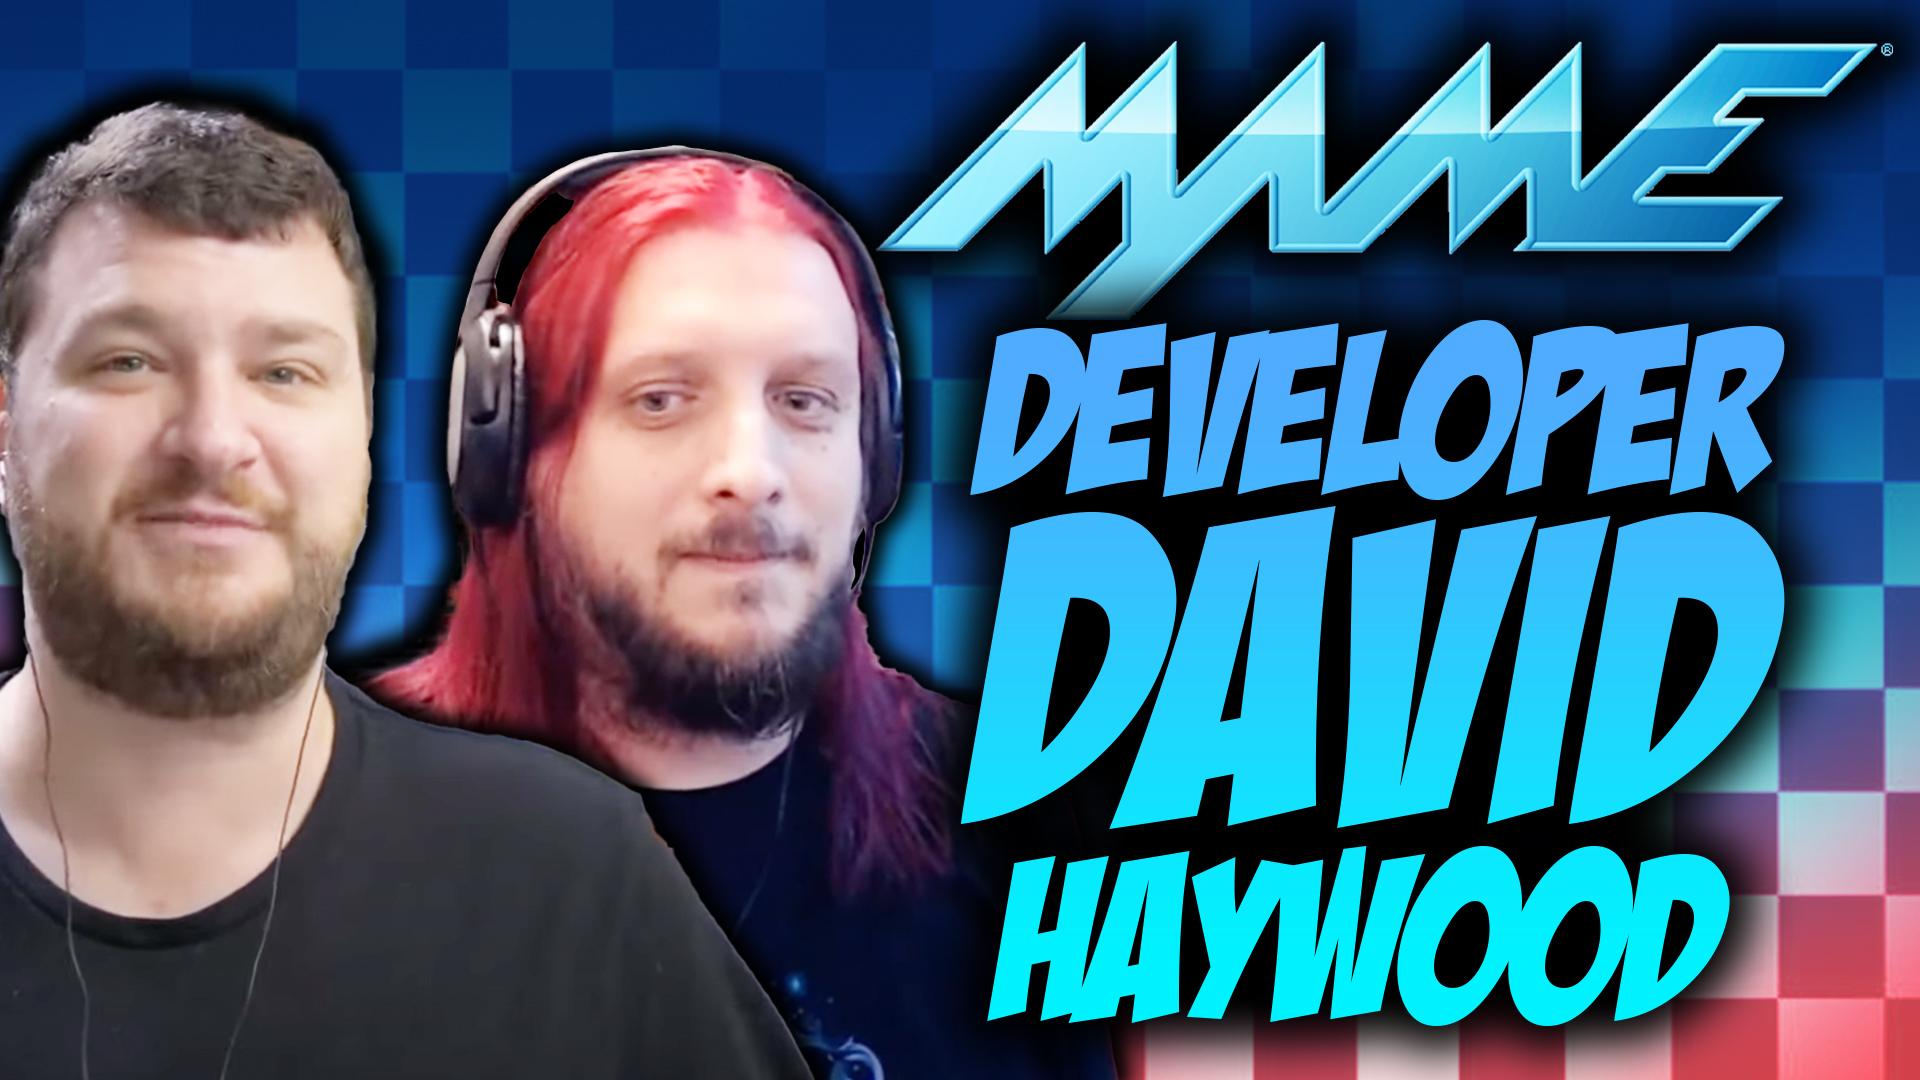 Interview with David 'mamehaze' Haywood